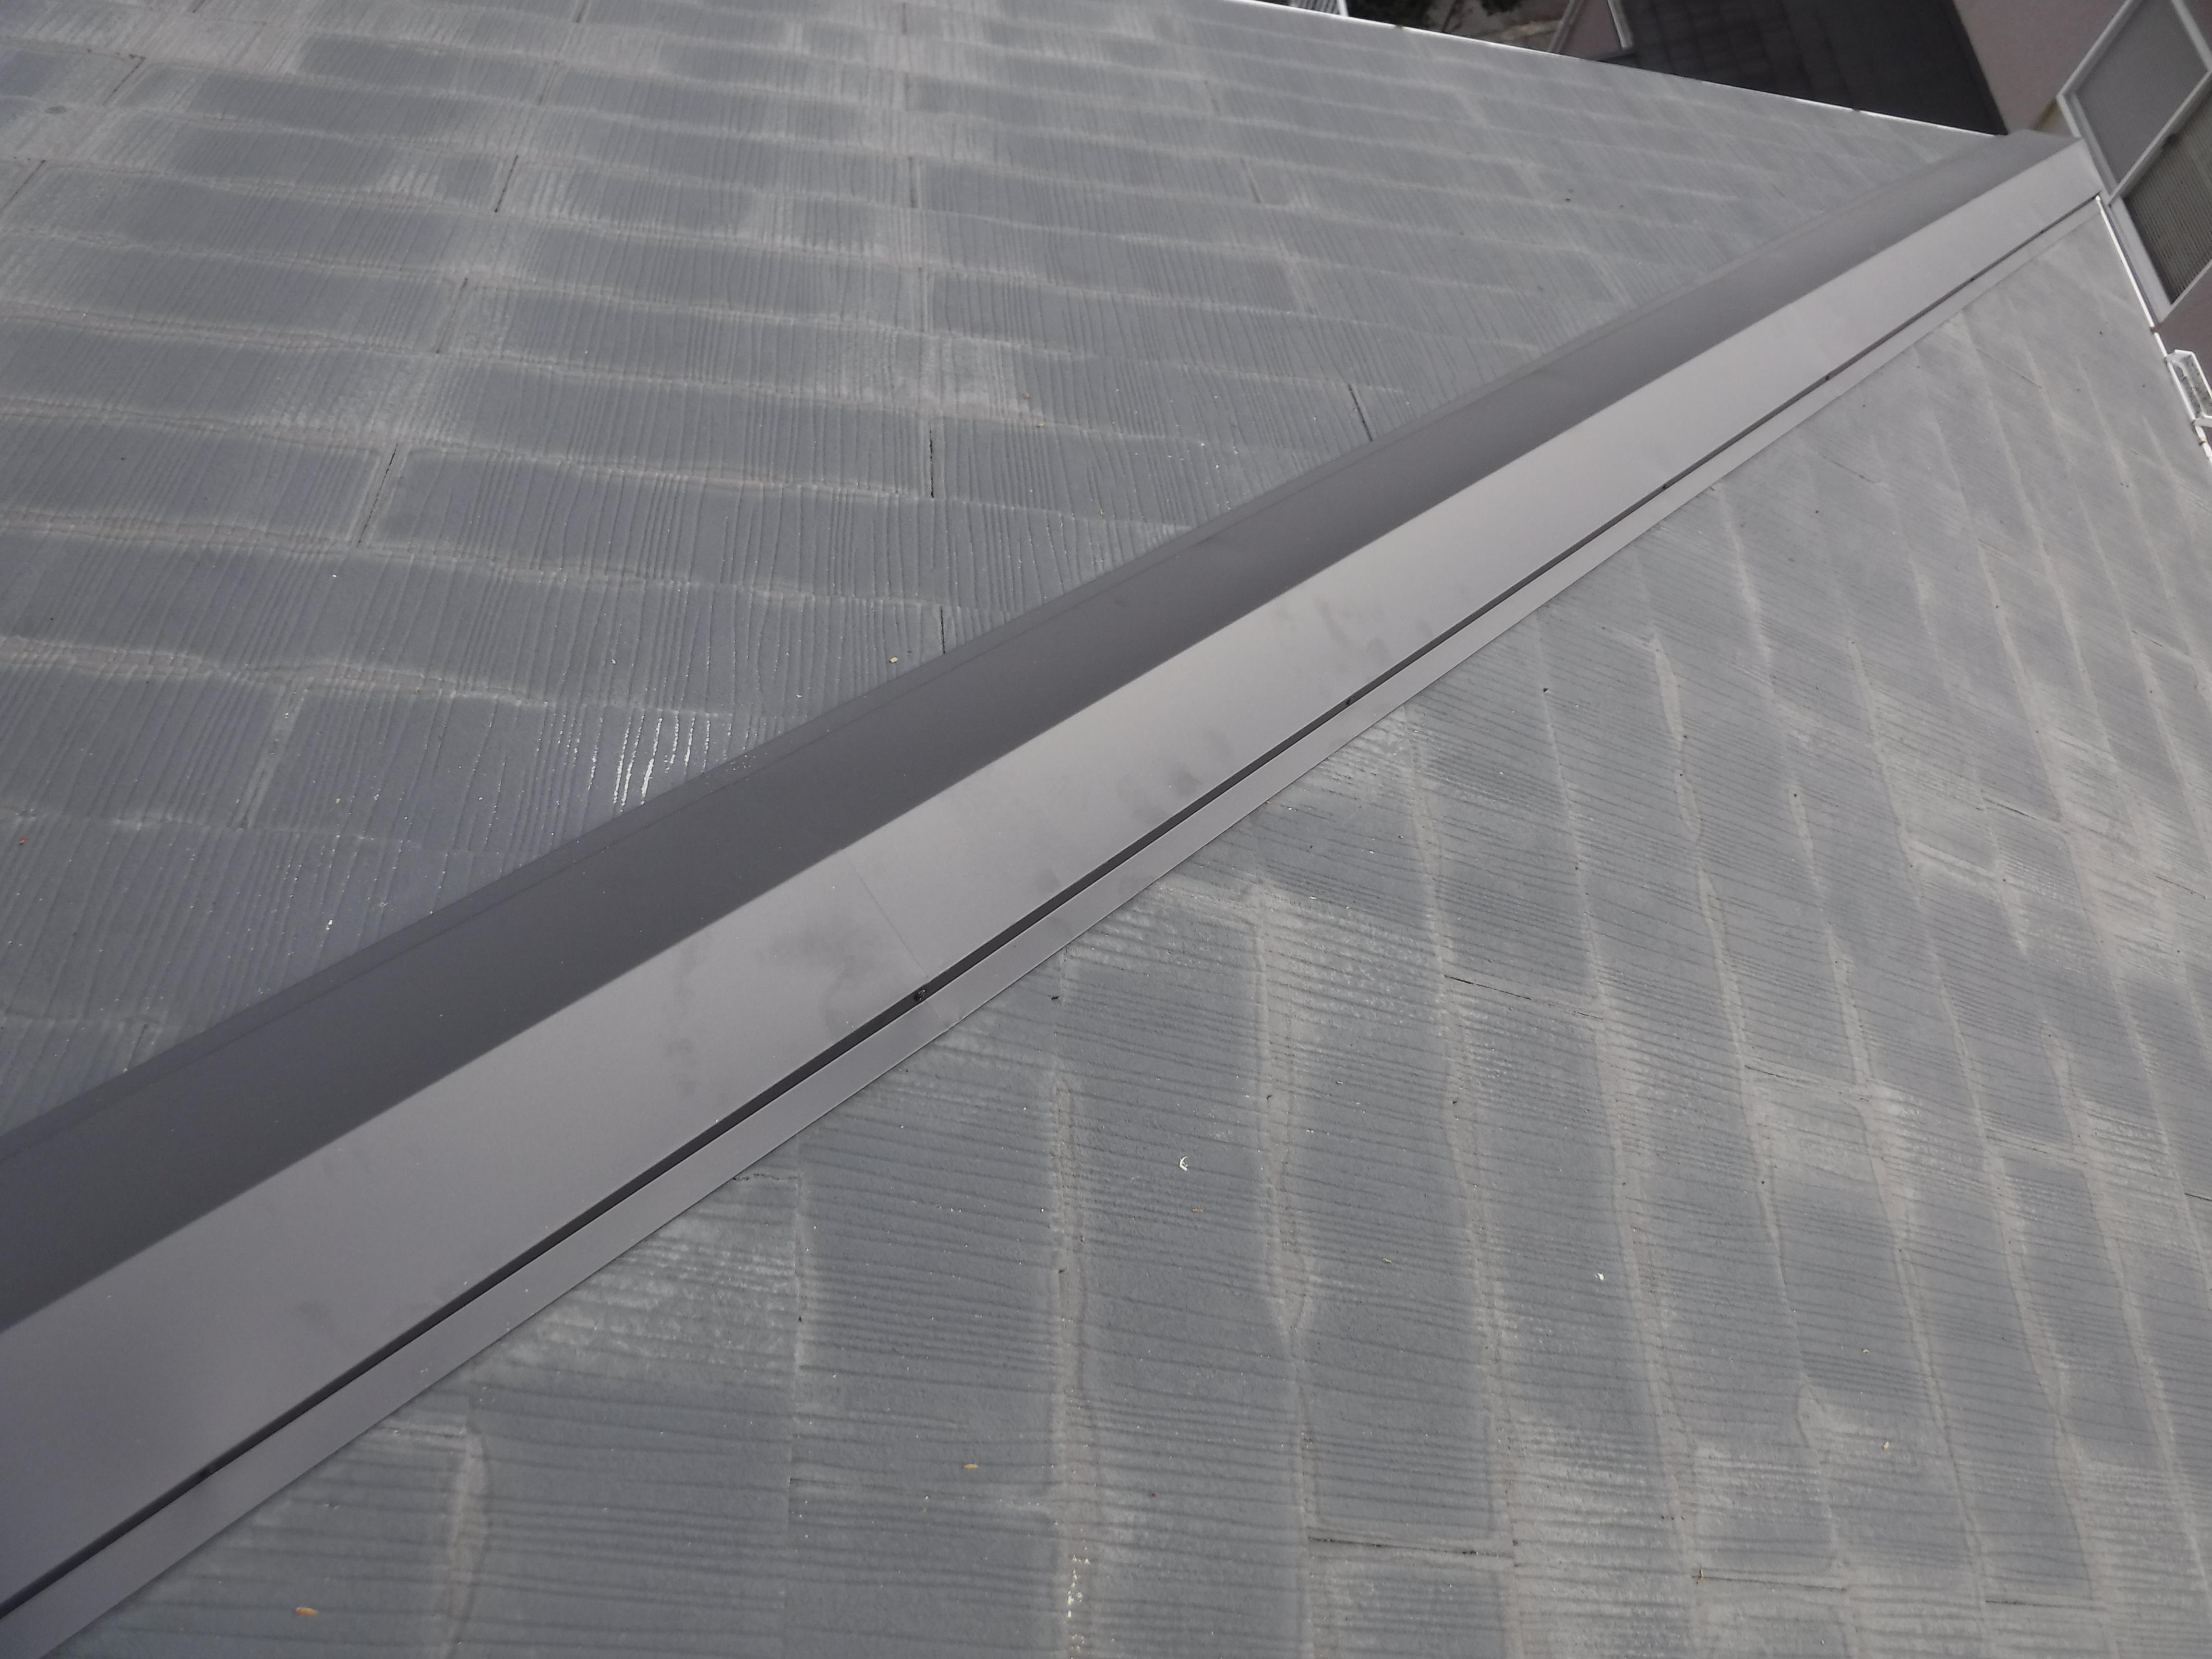 あれ?屋根の棟が飛んで無くなっておりますよ!台風24号被害